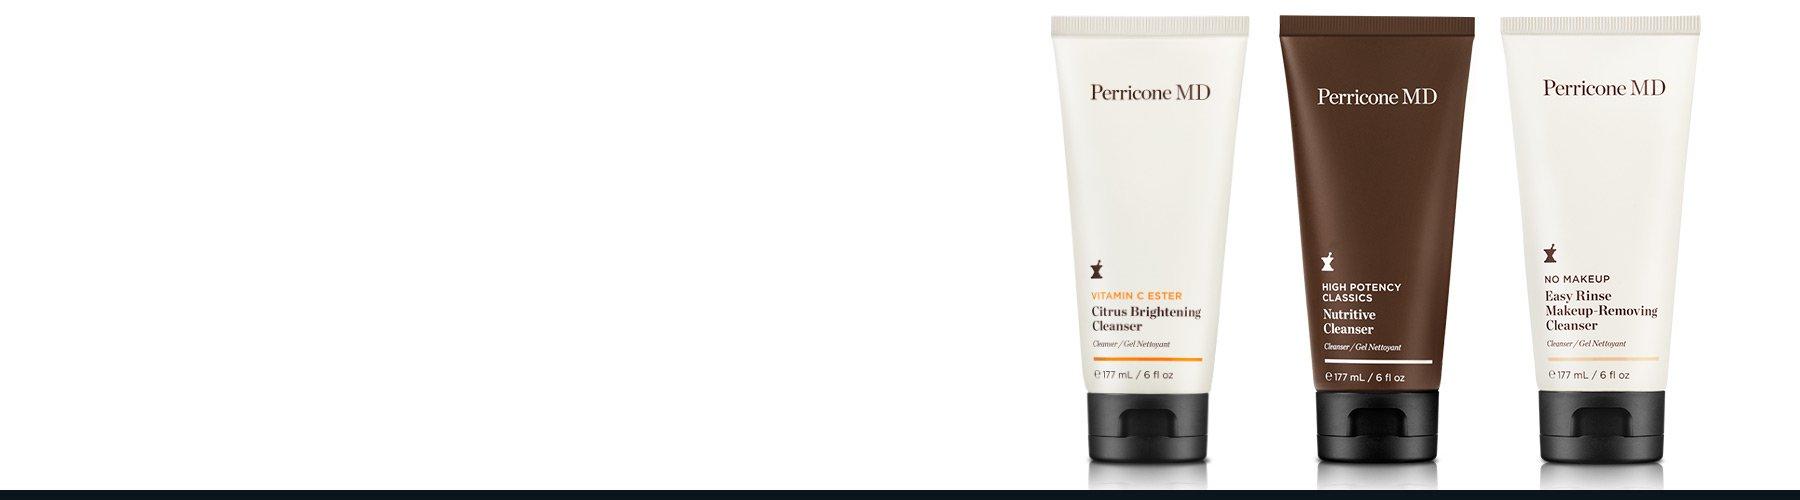 Unsere verjüngenden Gesichtsreiniger absorbieren und beseitigen Unreinheiten wie Make-up und hinterlassen eine glatte, sichtbar gestraffte und wieder ausgeglichene Haut.